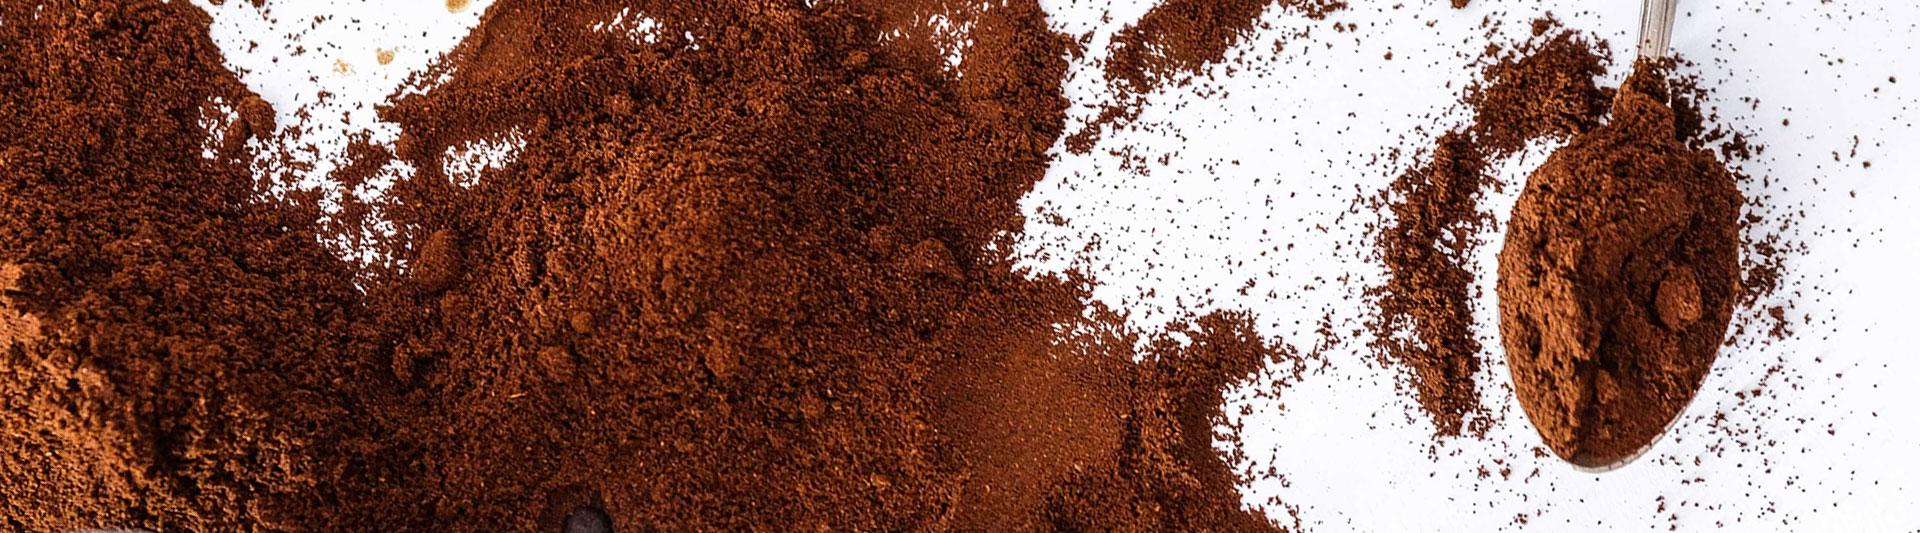 קפה טחון במבצע